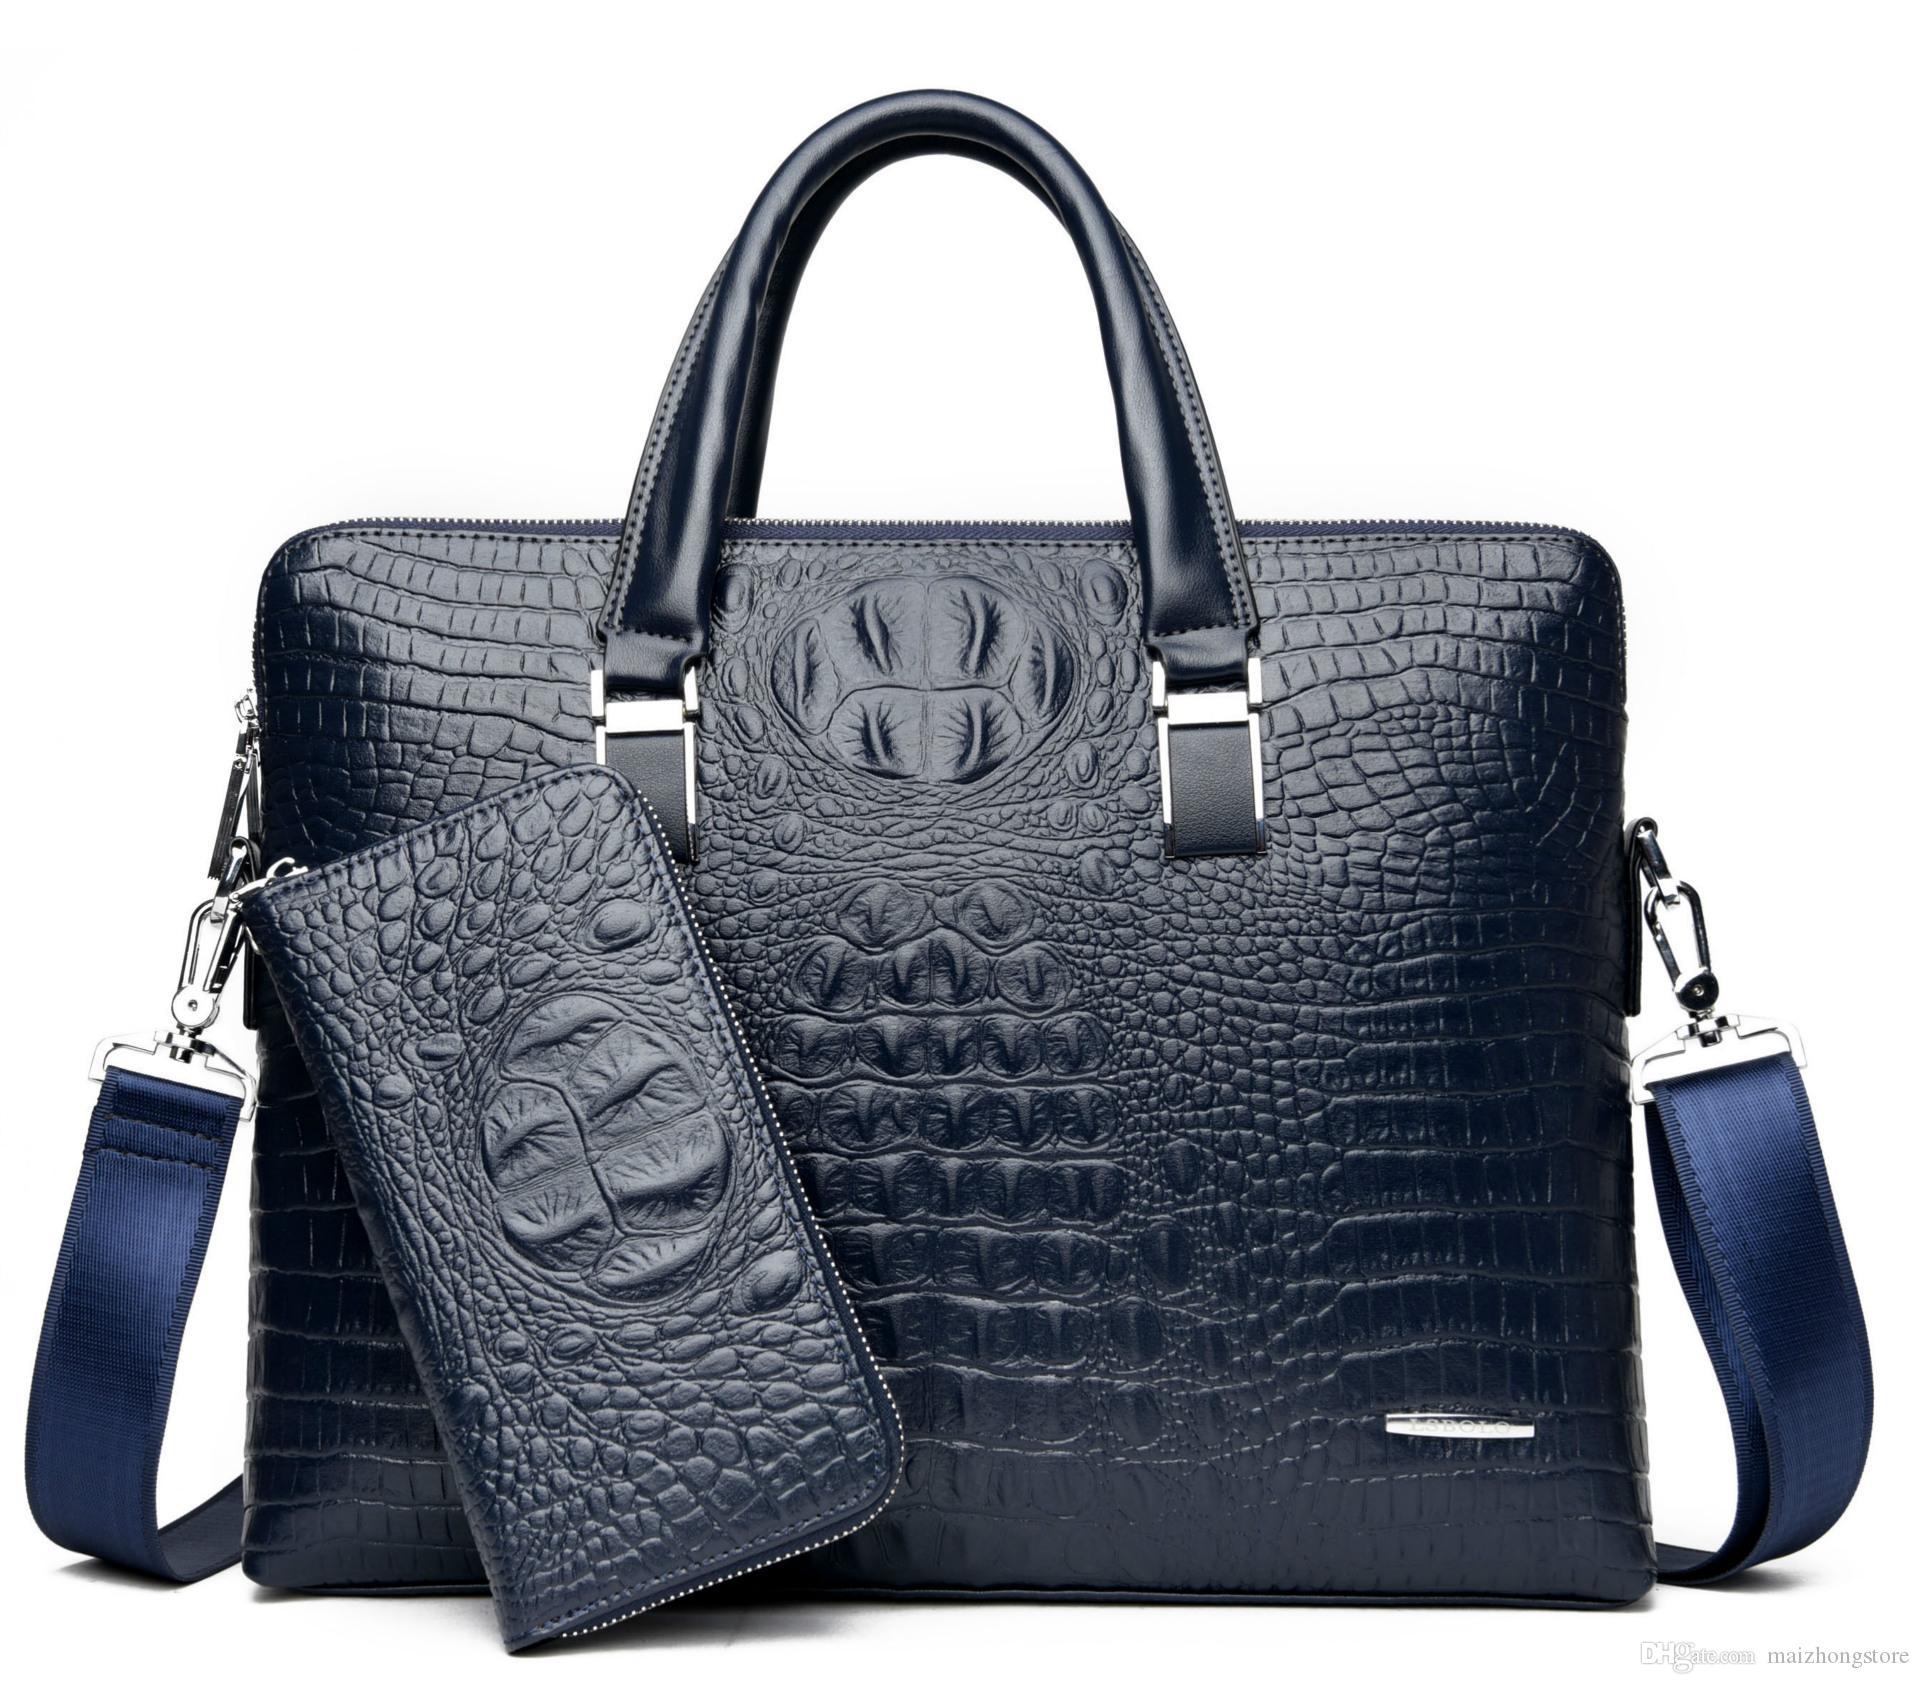 Crocodile designer handtasche für 2021 luxus laptoptasche business männer Hohe qualität ein pu zwei leder kaufen männer bekommen Aktentaschen senden Free Pur KKLV